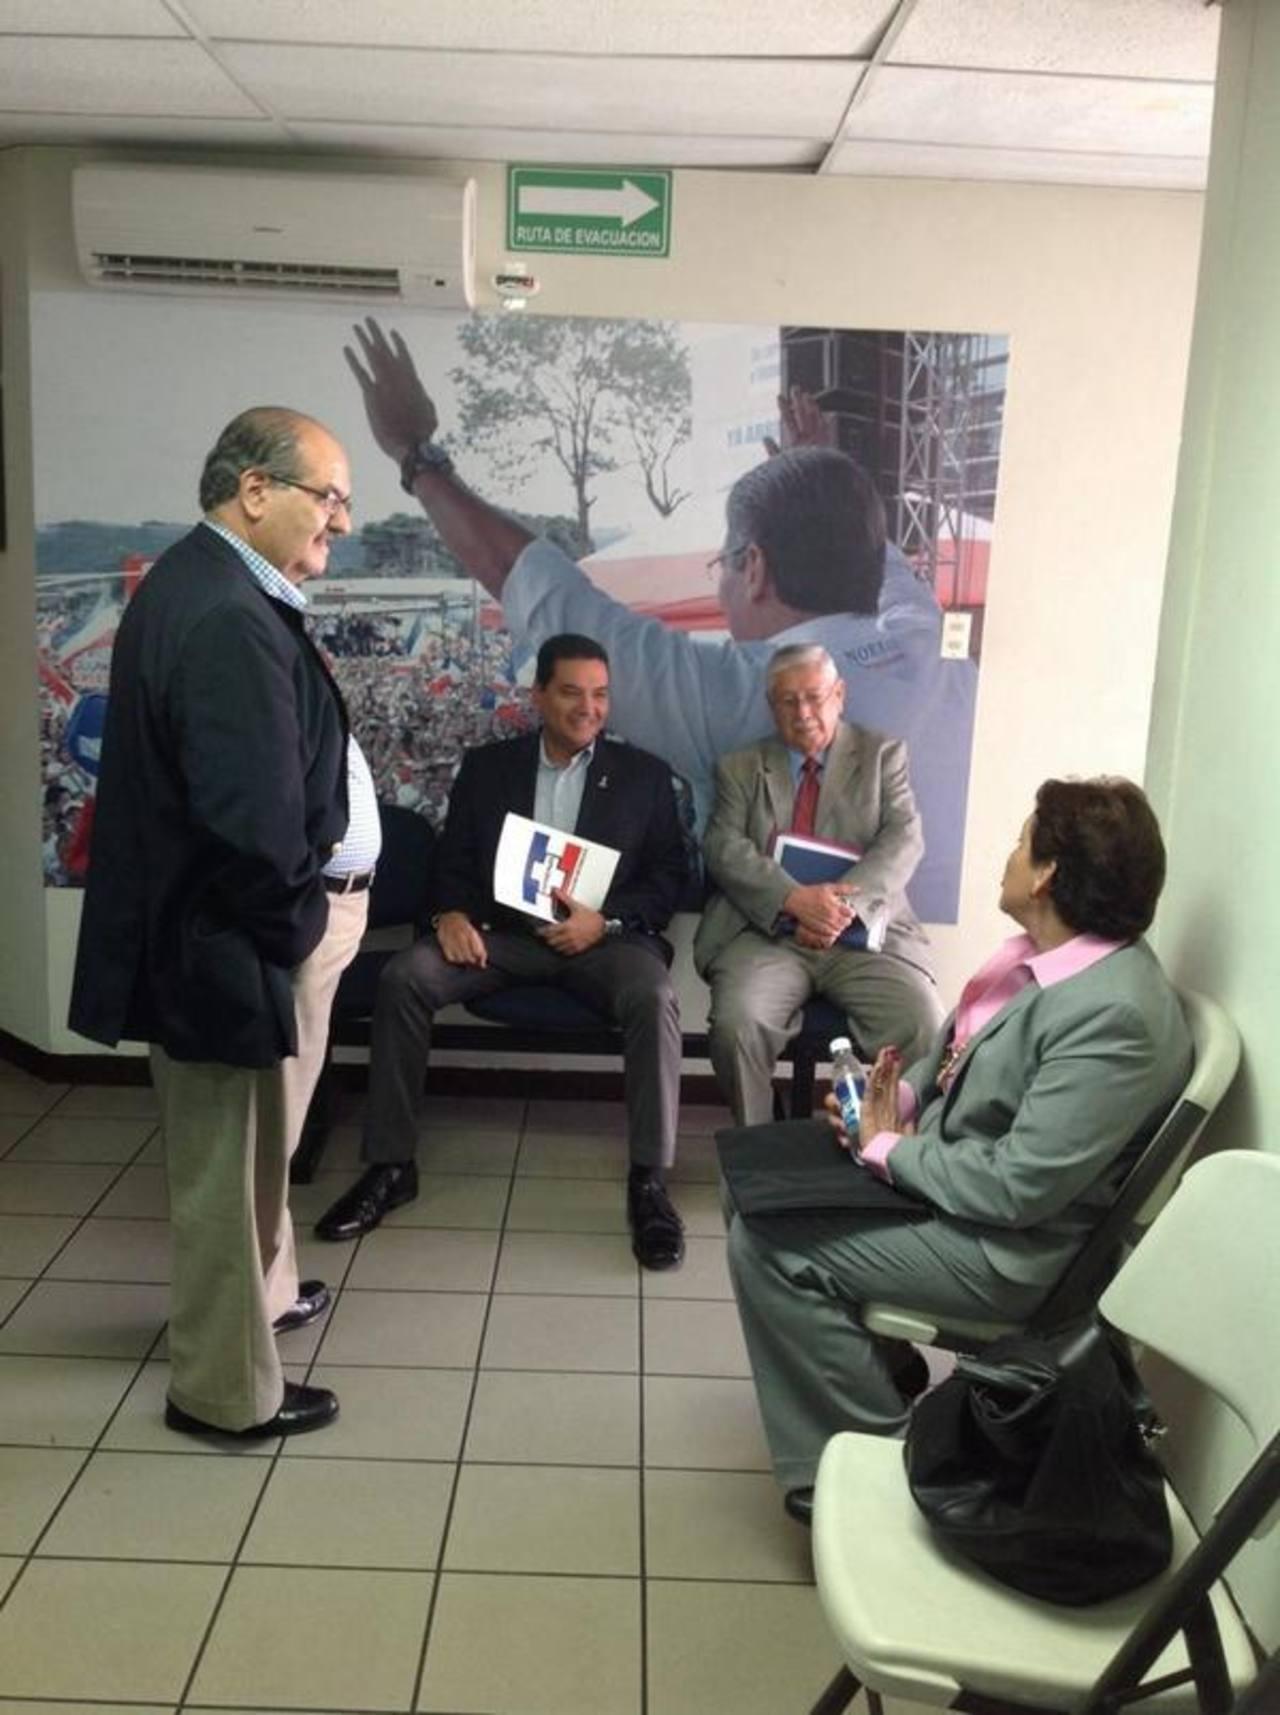 El exministro de Defensa, Humberto Corado (izquierda) platica con otros tres aspirantes a diputaciones por San Salvador.